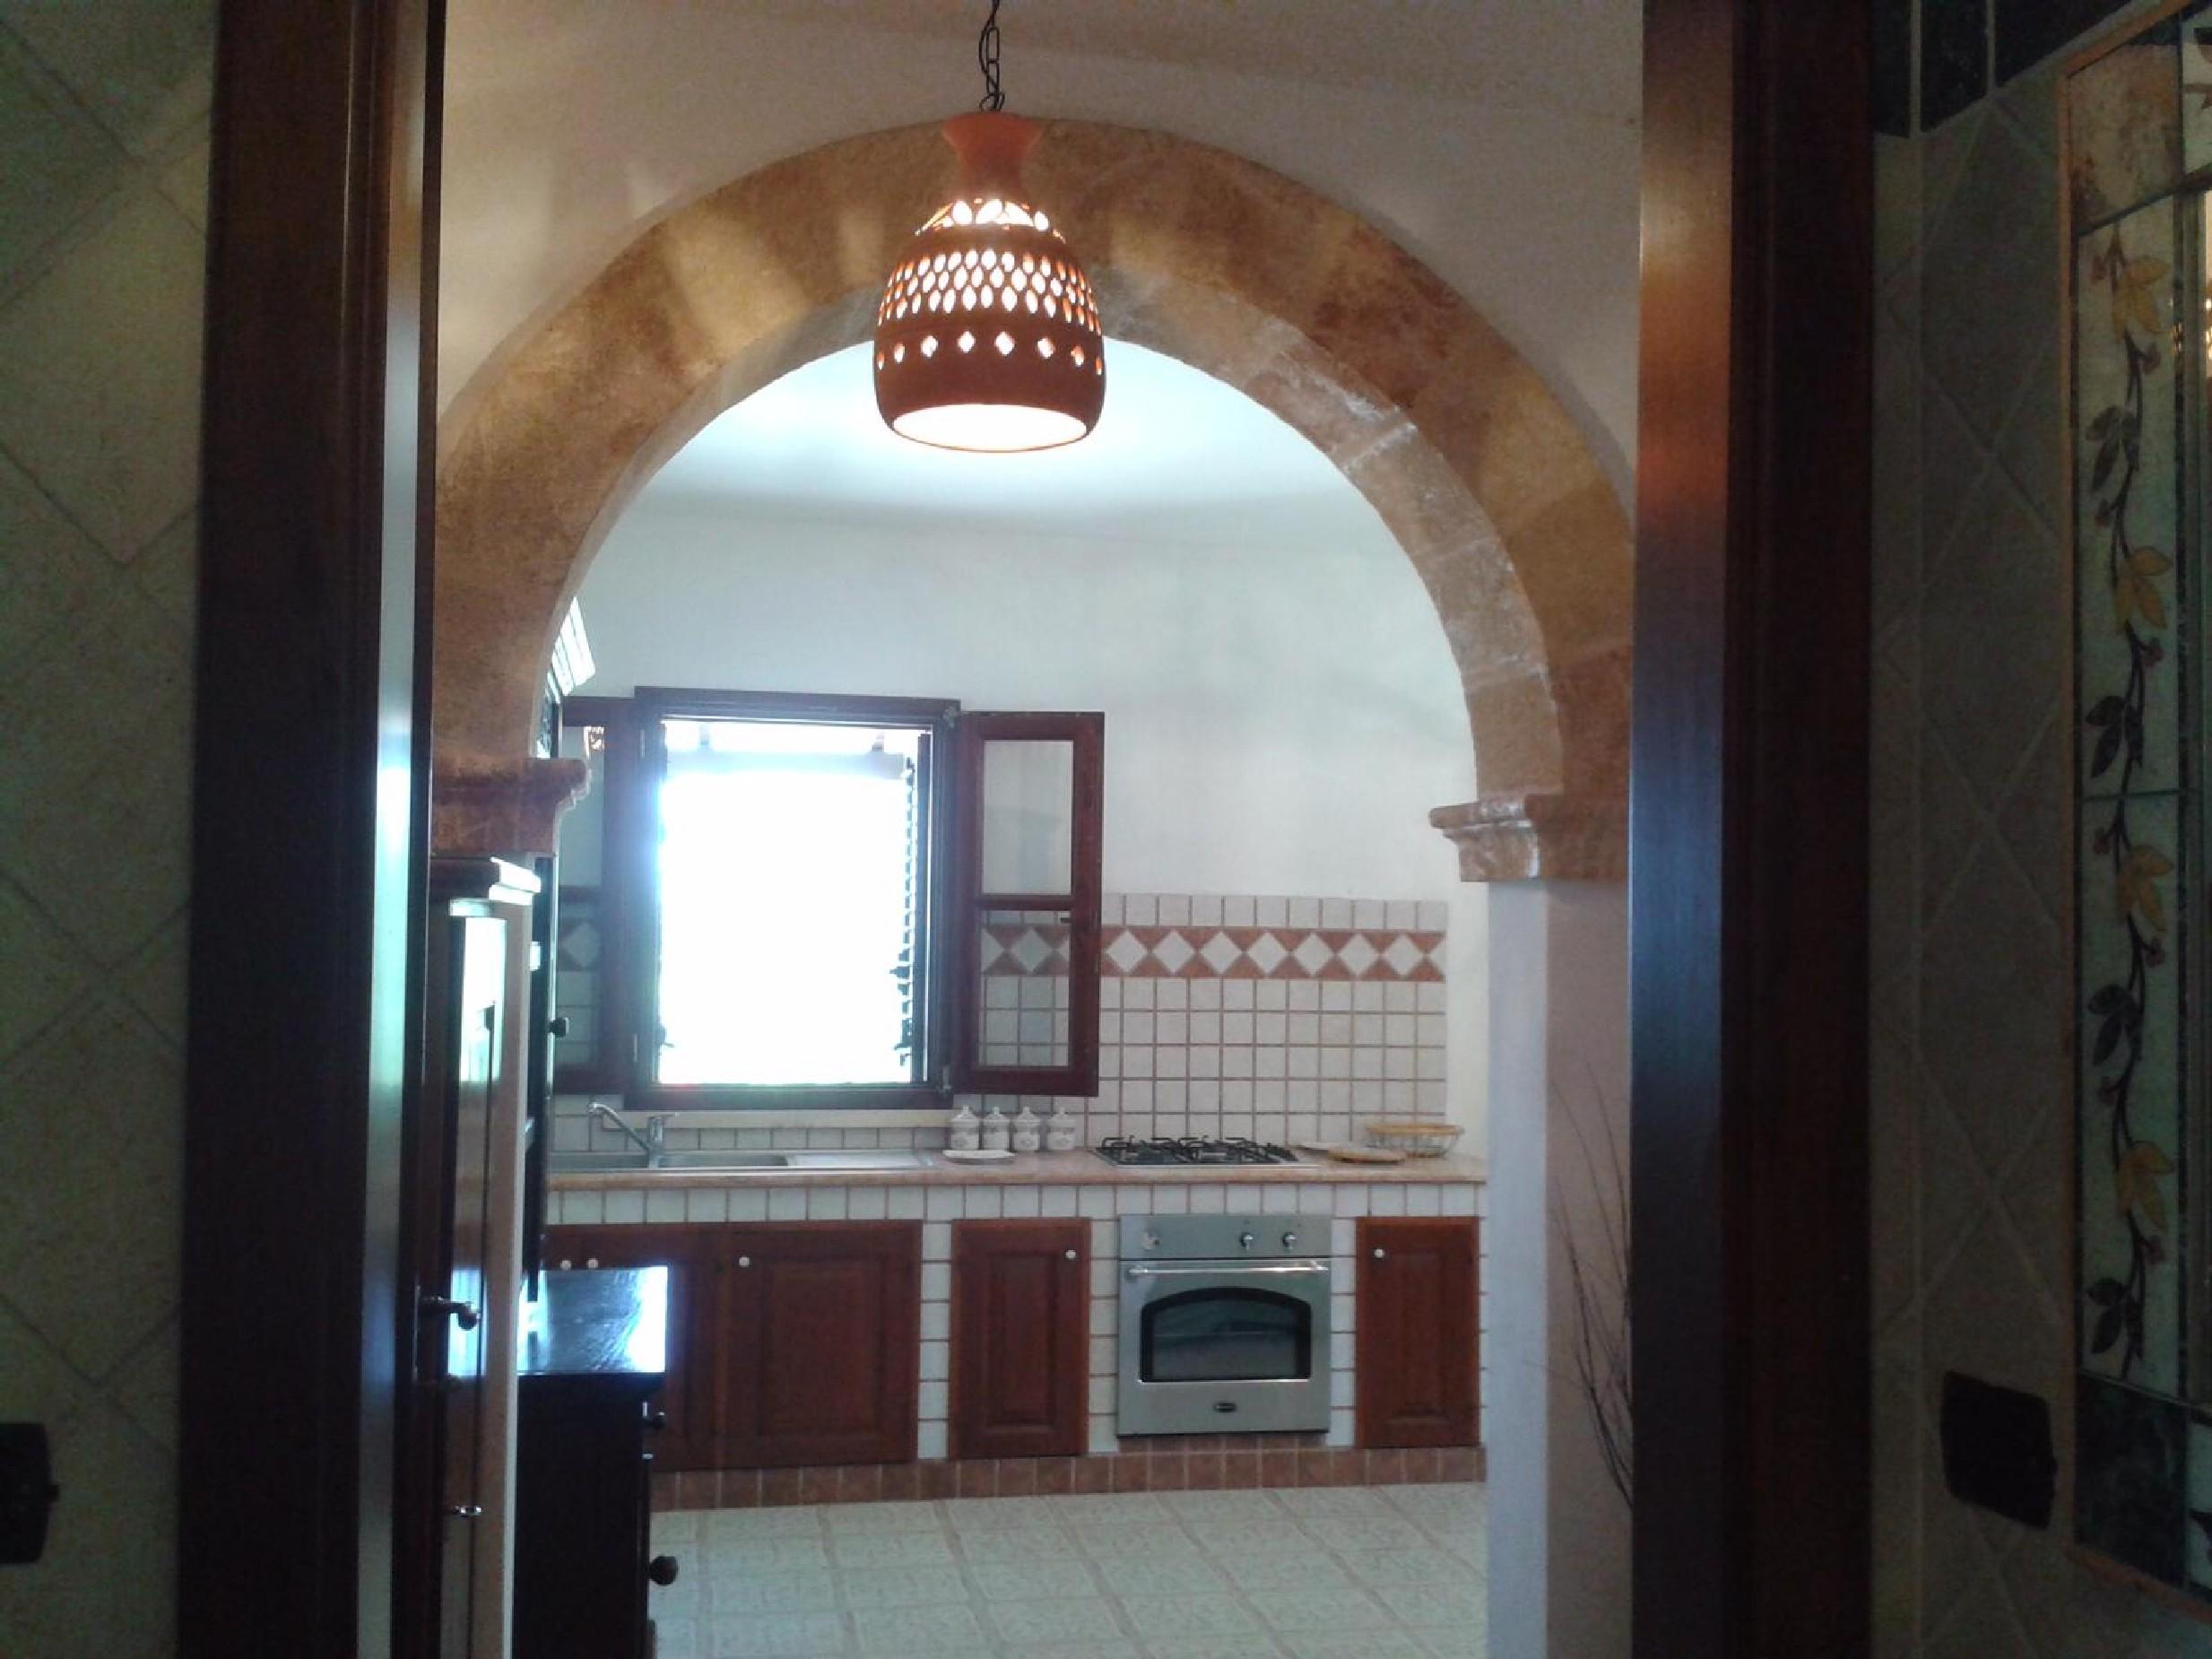 Apartment Mirto Sopra - casa in pietra sul mare photo 21137373